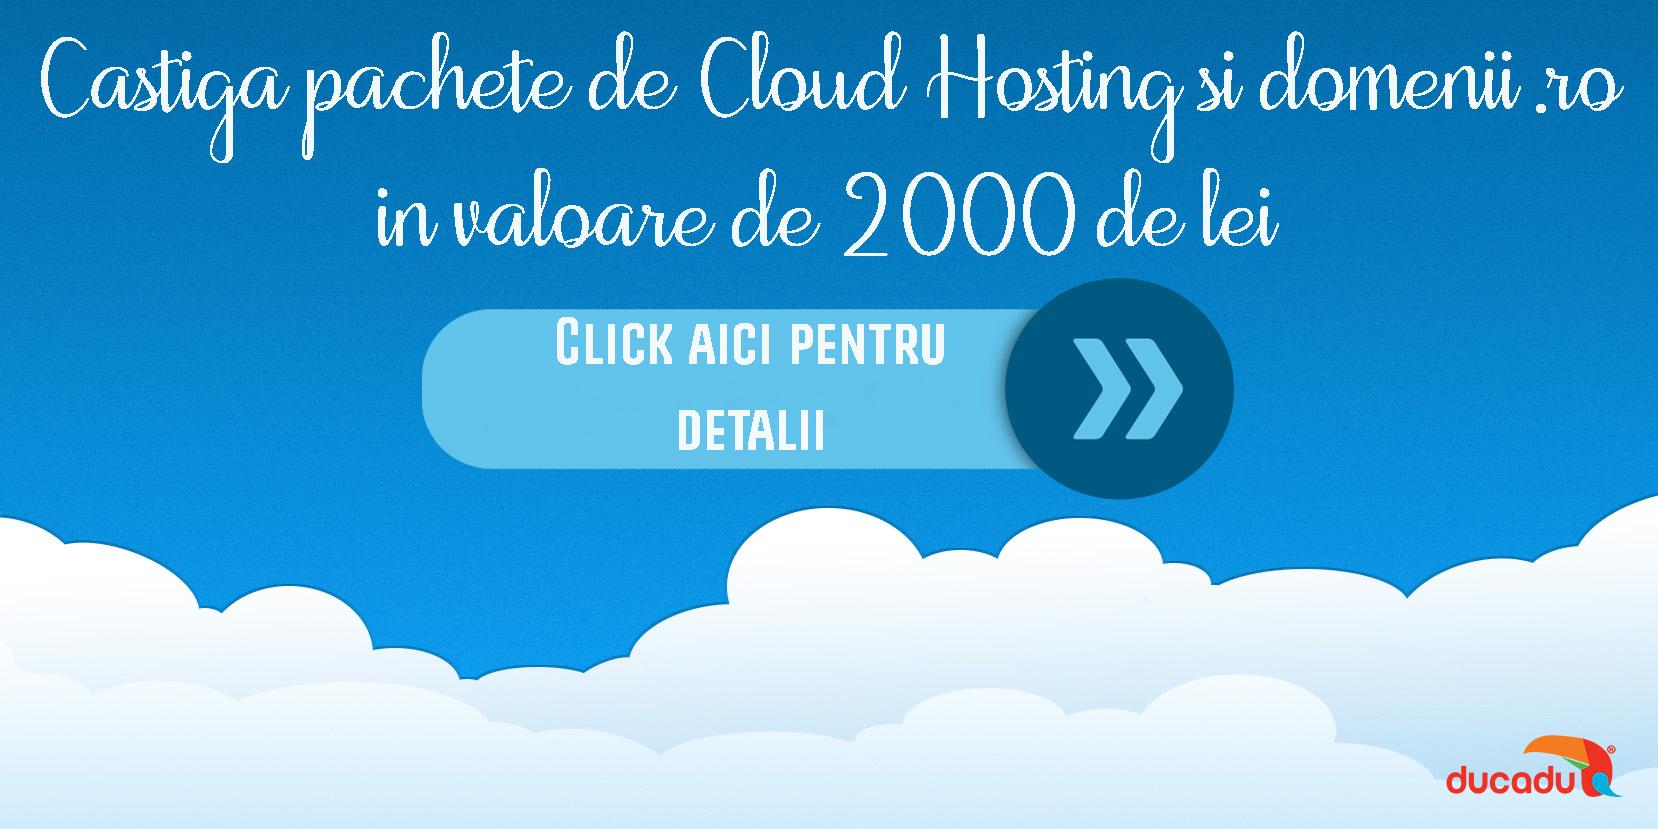 Concurs Ducadu Cloud Hosting